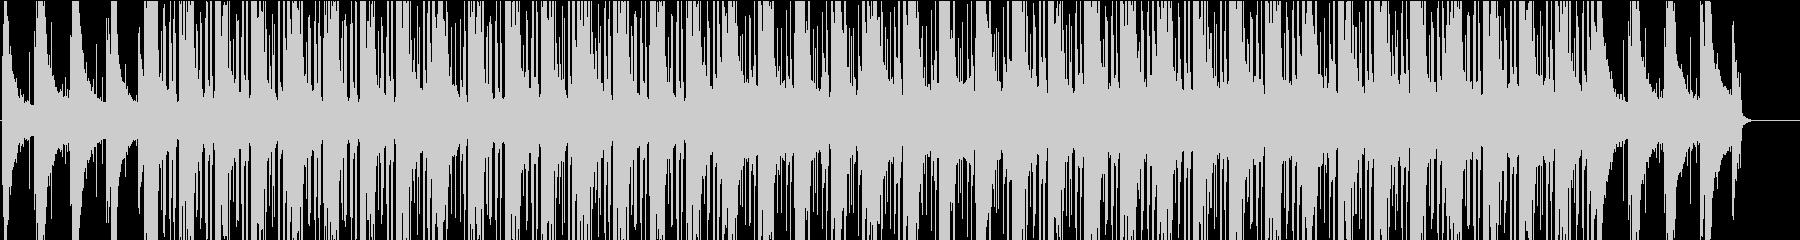 ピアノが鳴るヒップホップ風な曲の未再生の波形